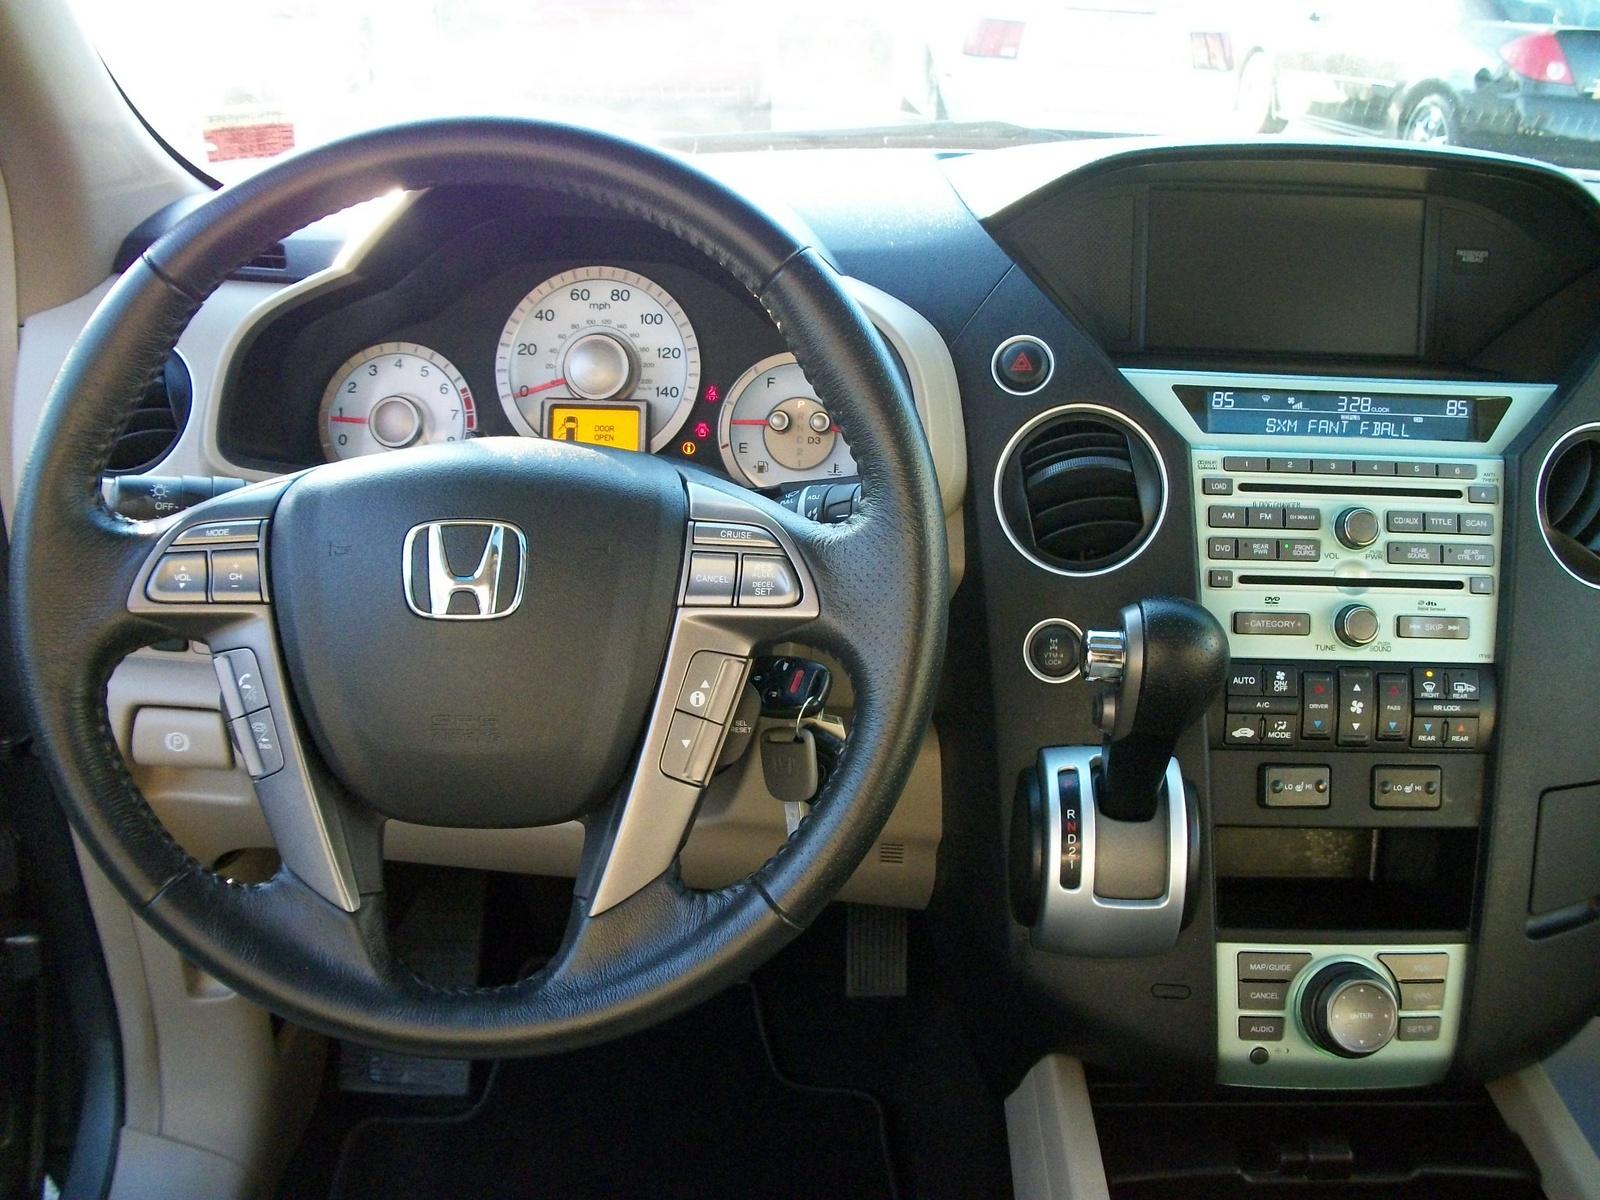 2009 Honda Pilot Interior Pictures Cargurus